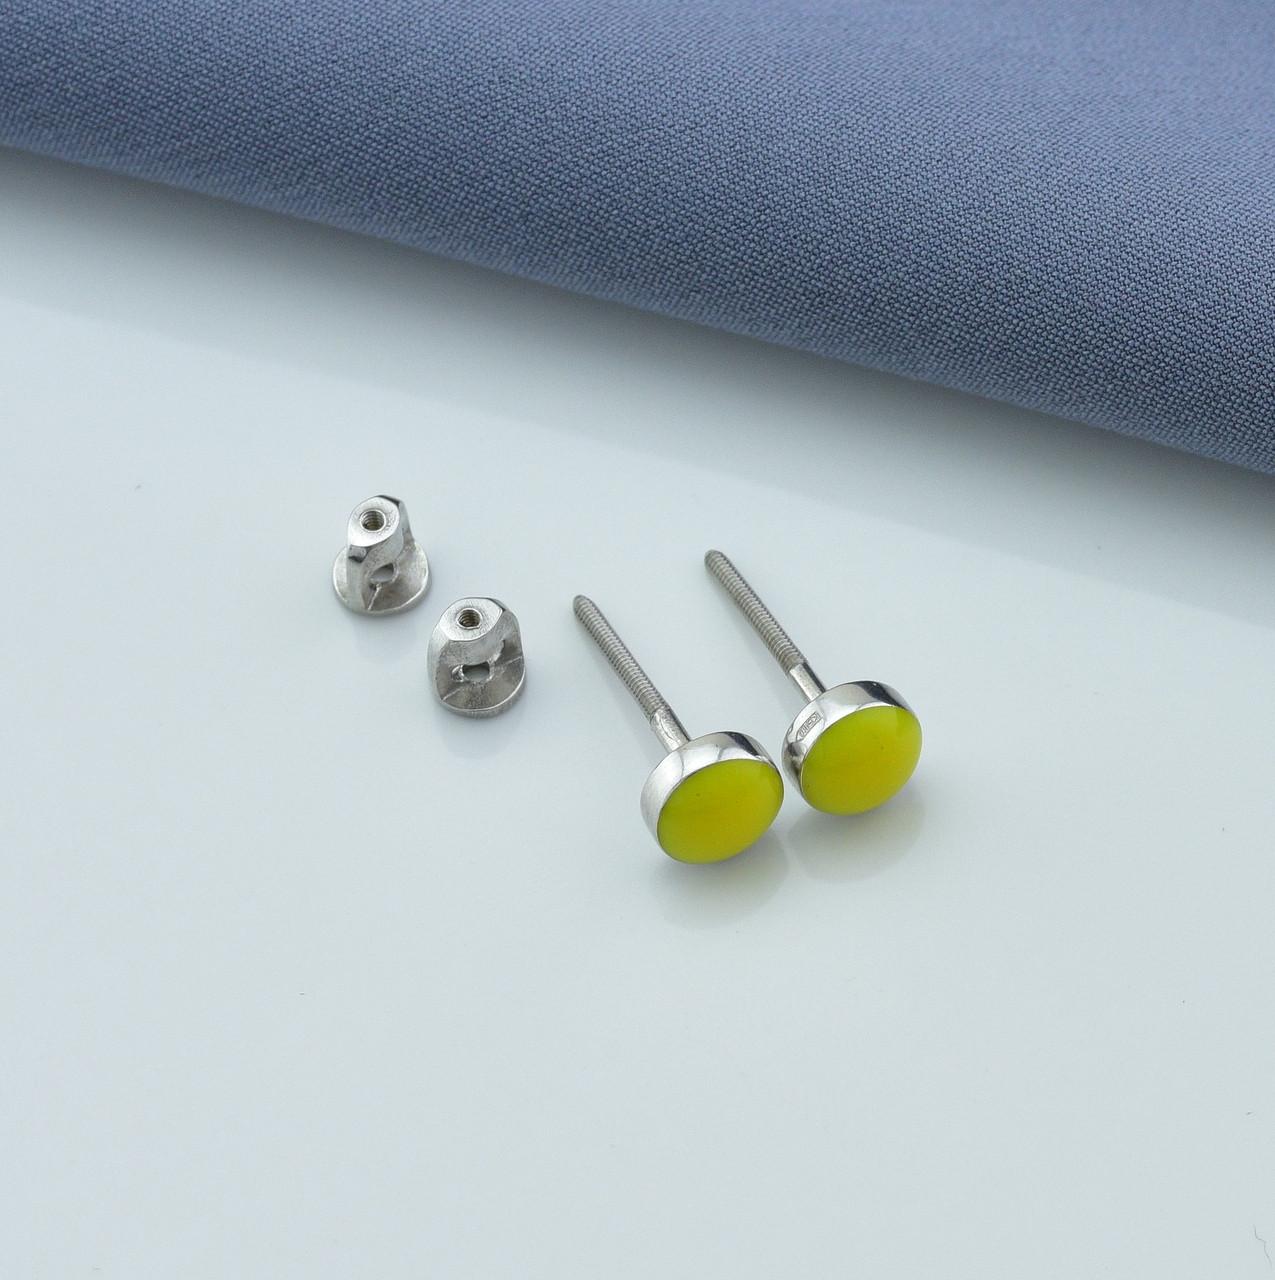 Серебряные серьги гвоздики размер 5х5 мм вставка желтая эмаль вес 1.47 г